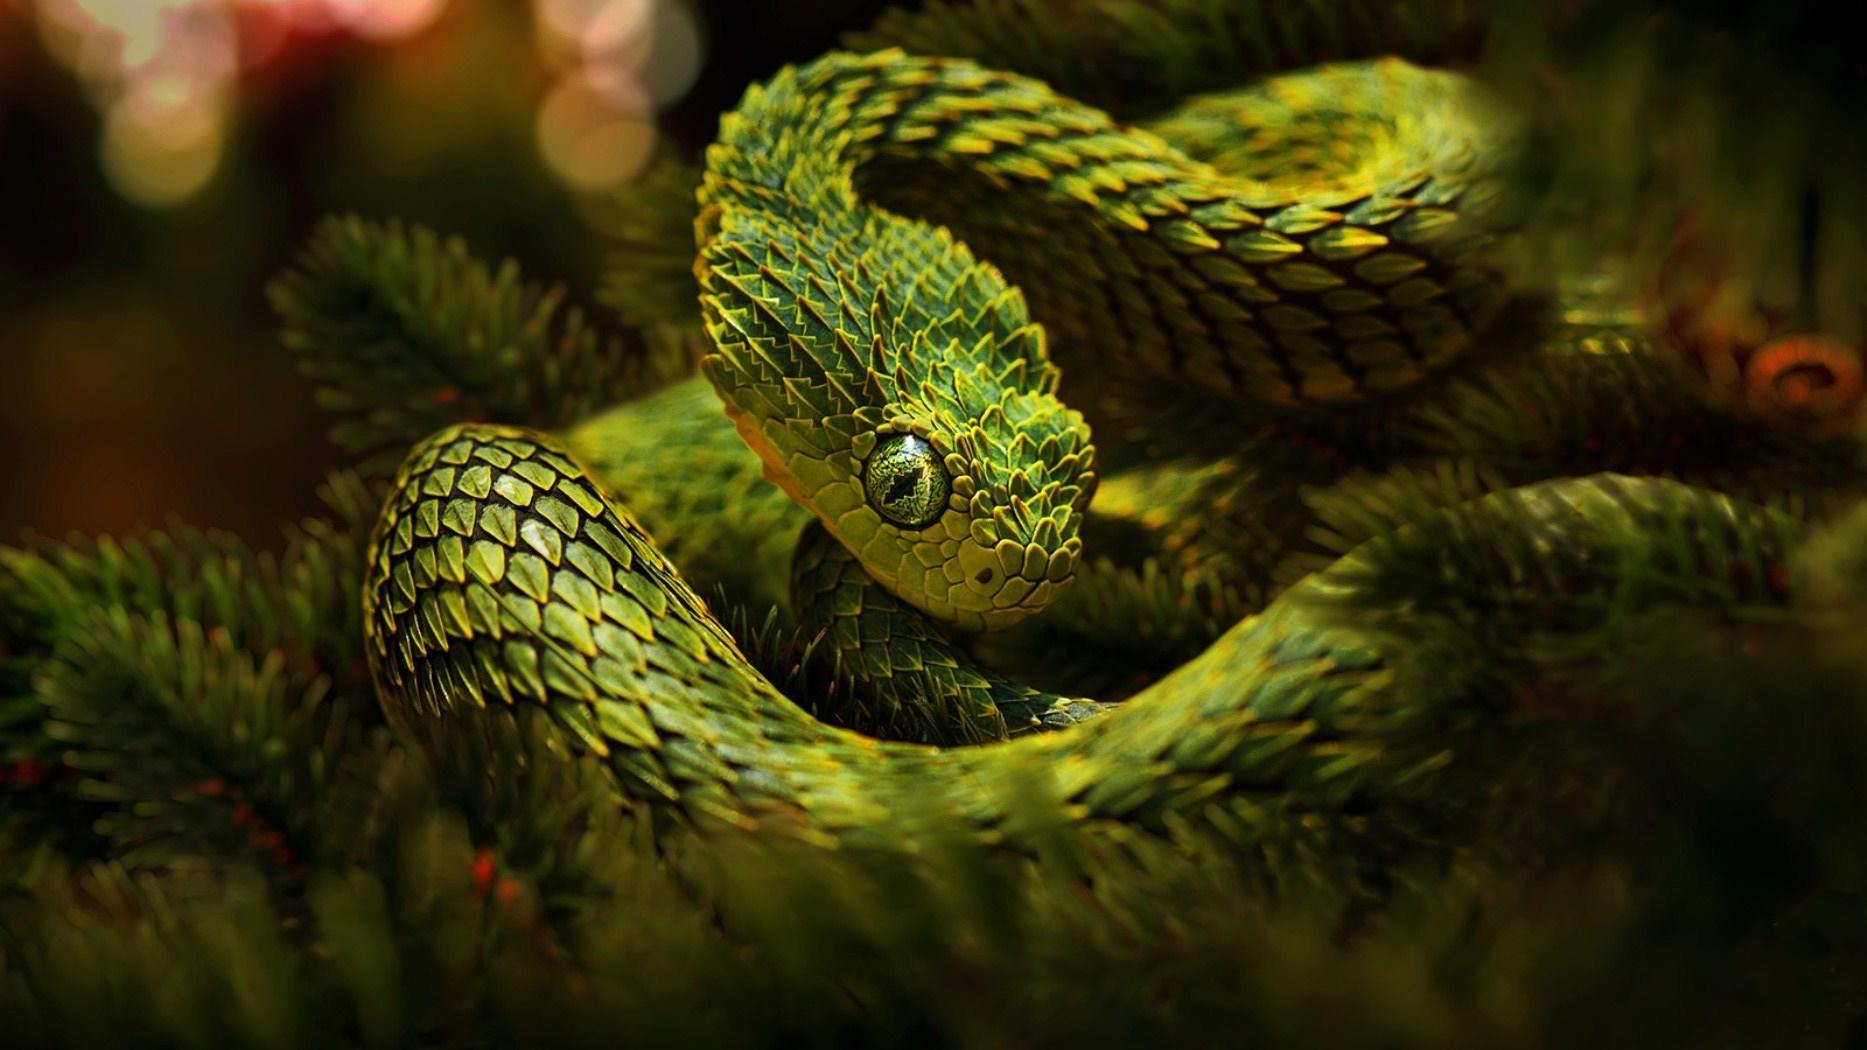 snakes wallpaper